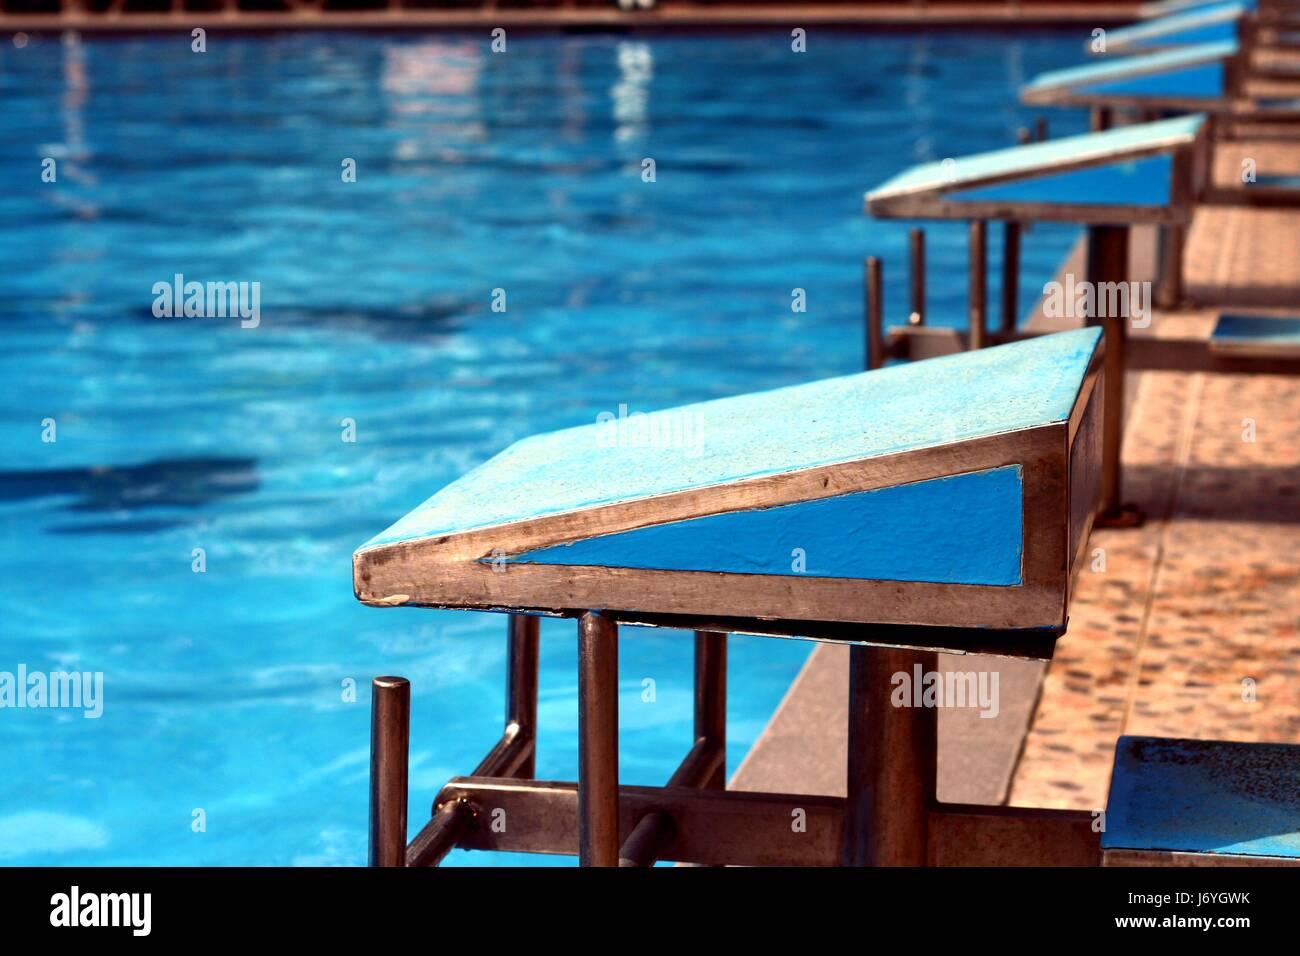 Diving Platforms Stock Photos Diving Platforms Stock Images Alamy